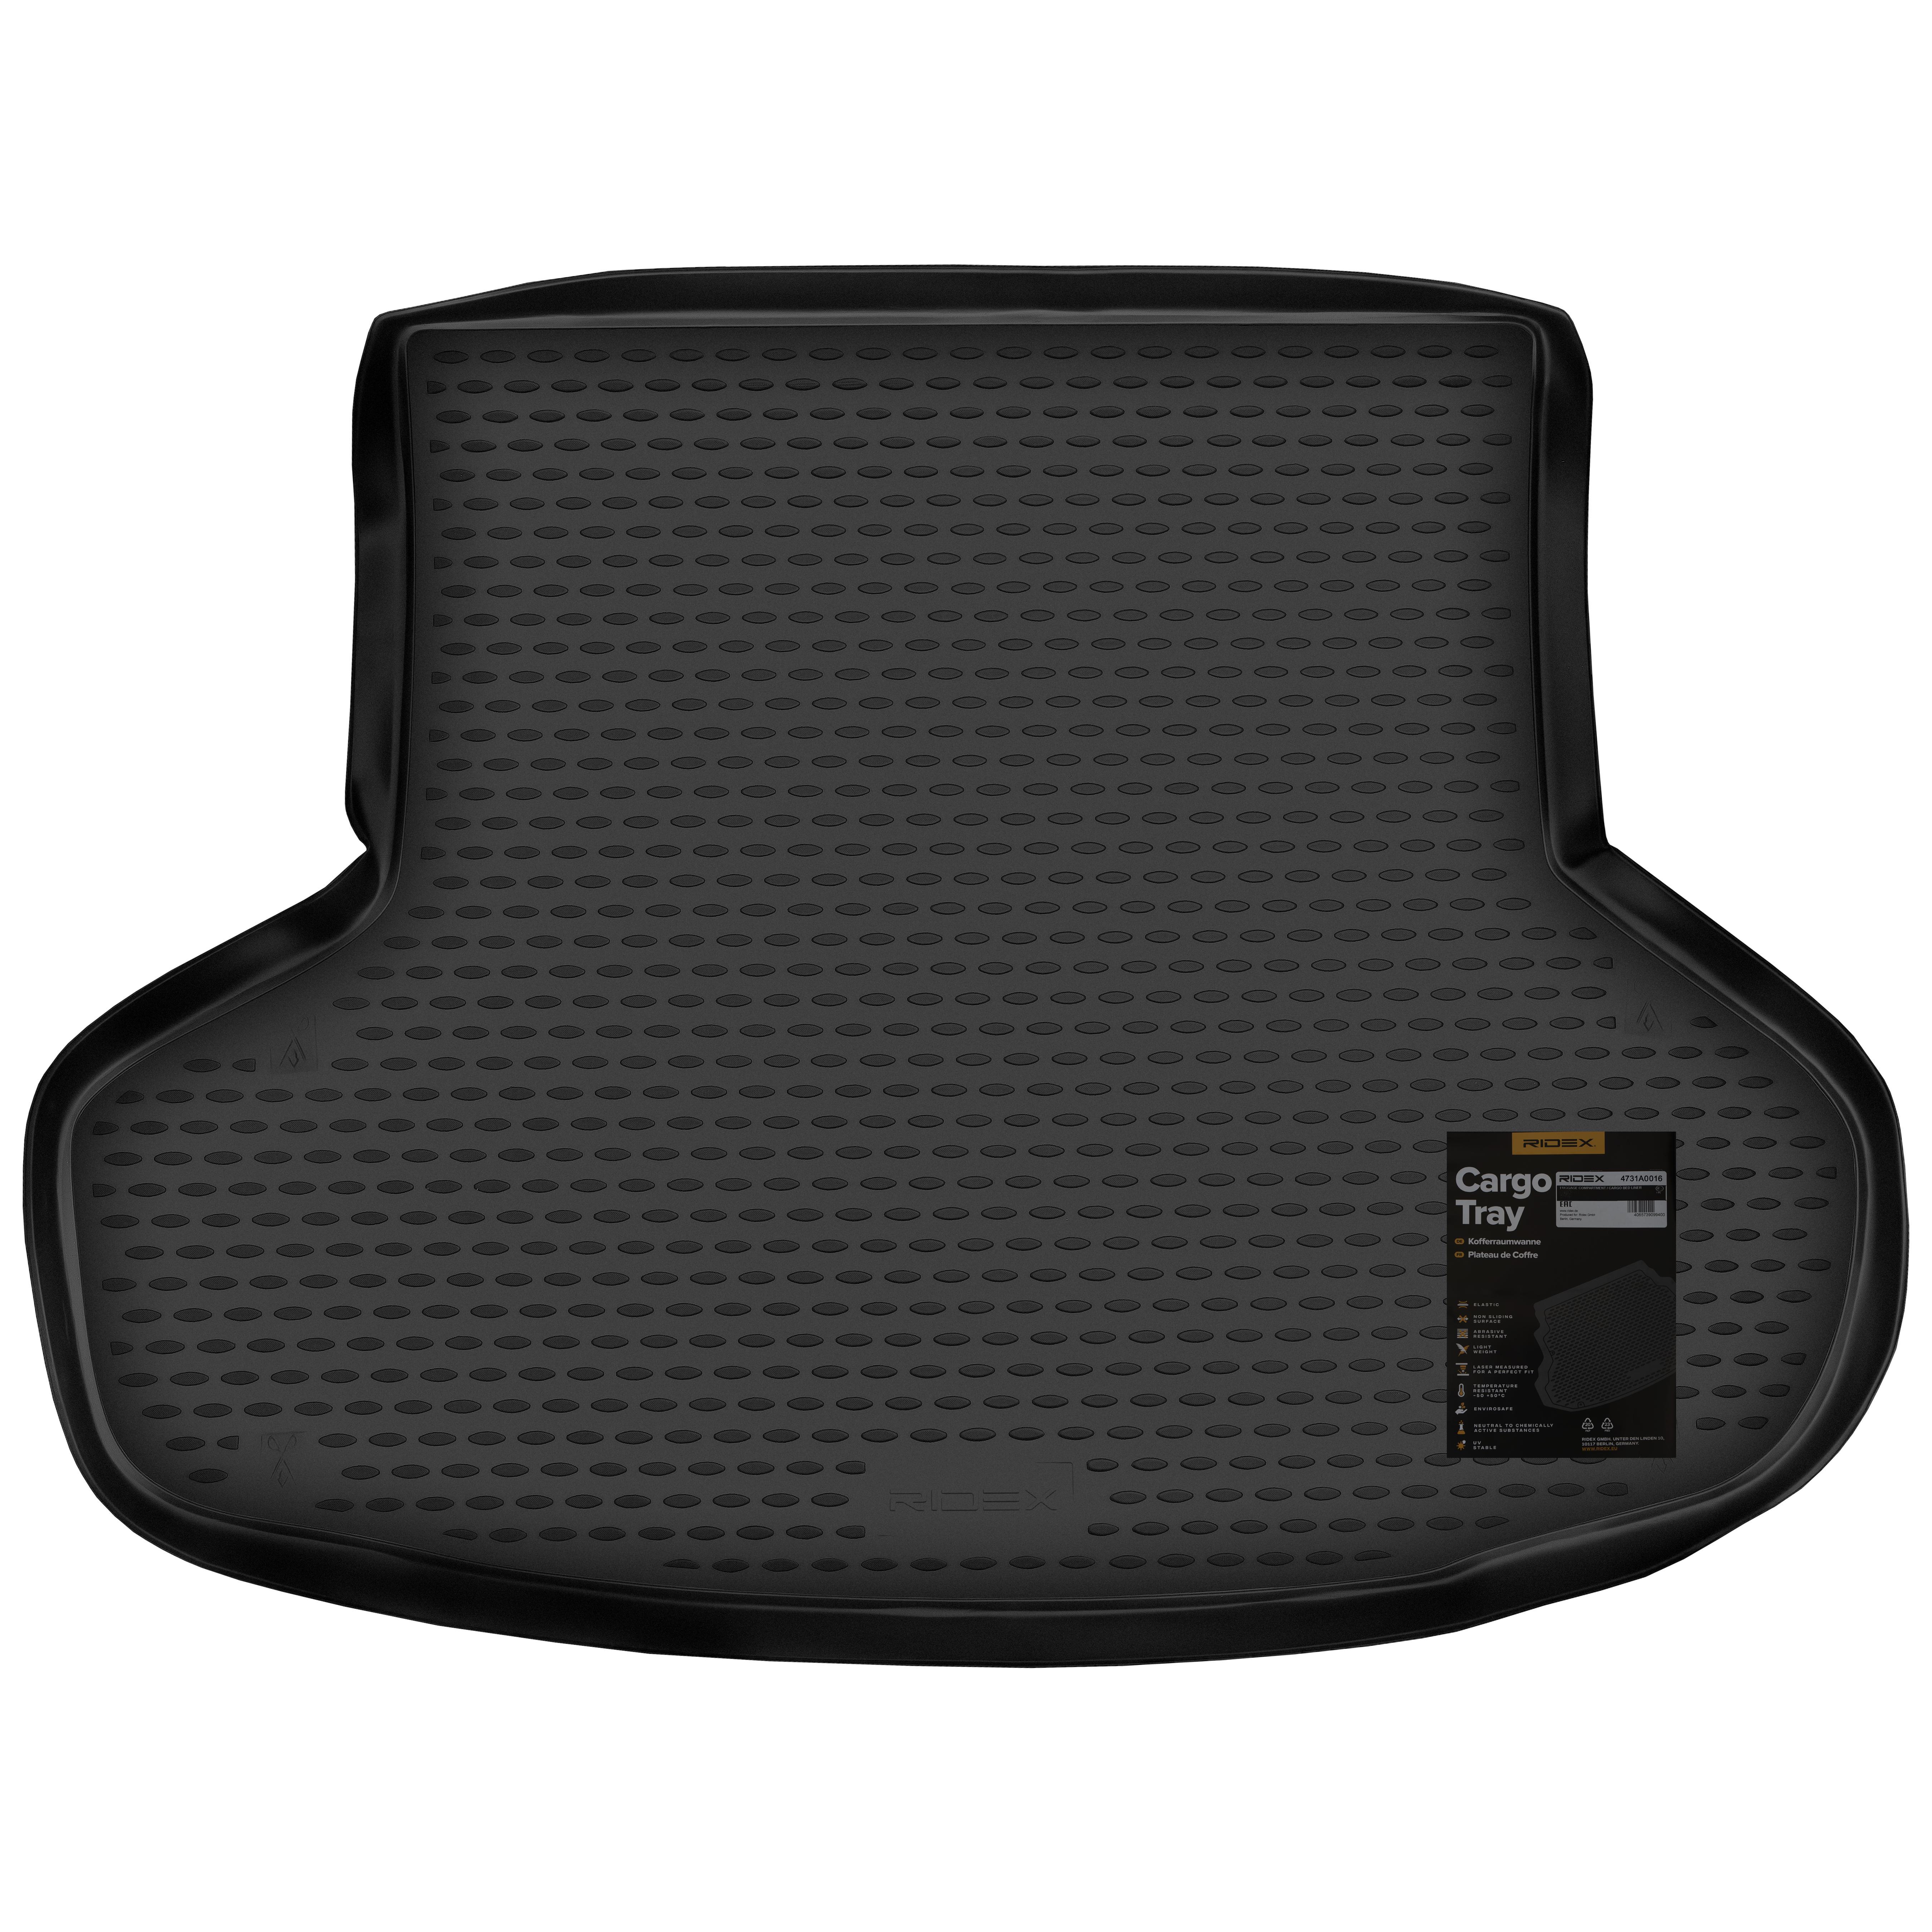 4731A0016 Bandeja para maletero Cant.: 1, Maletero, negro, Caucho de RIDEX a precios bajos - ¡compre ahora!